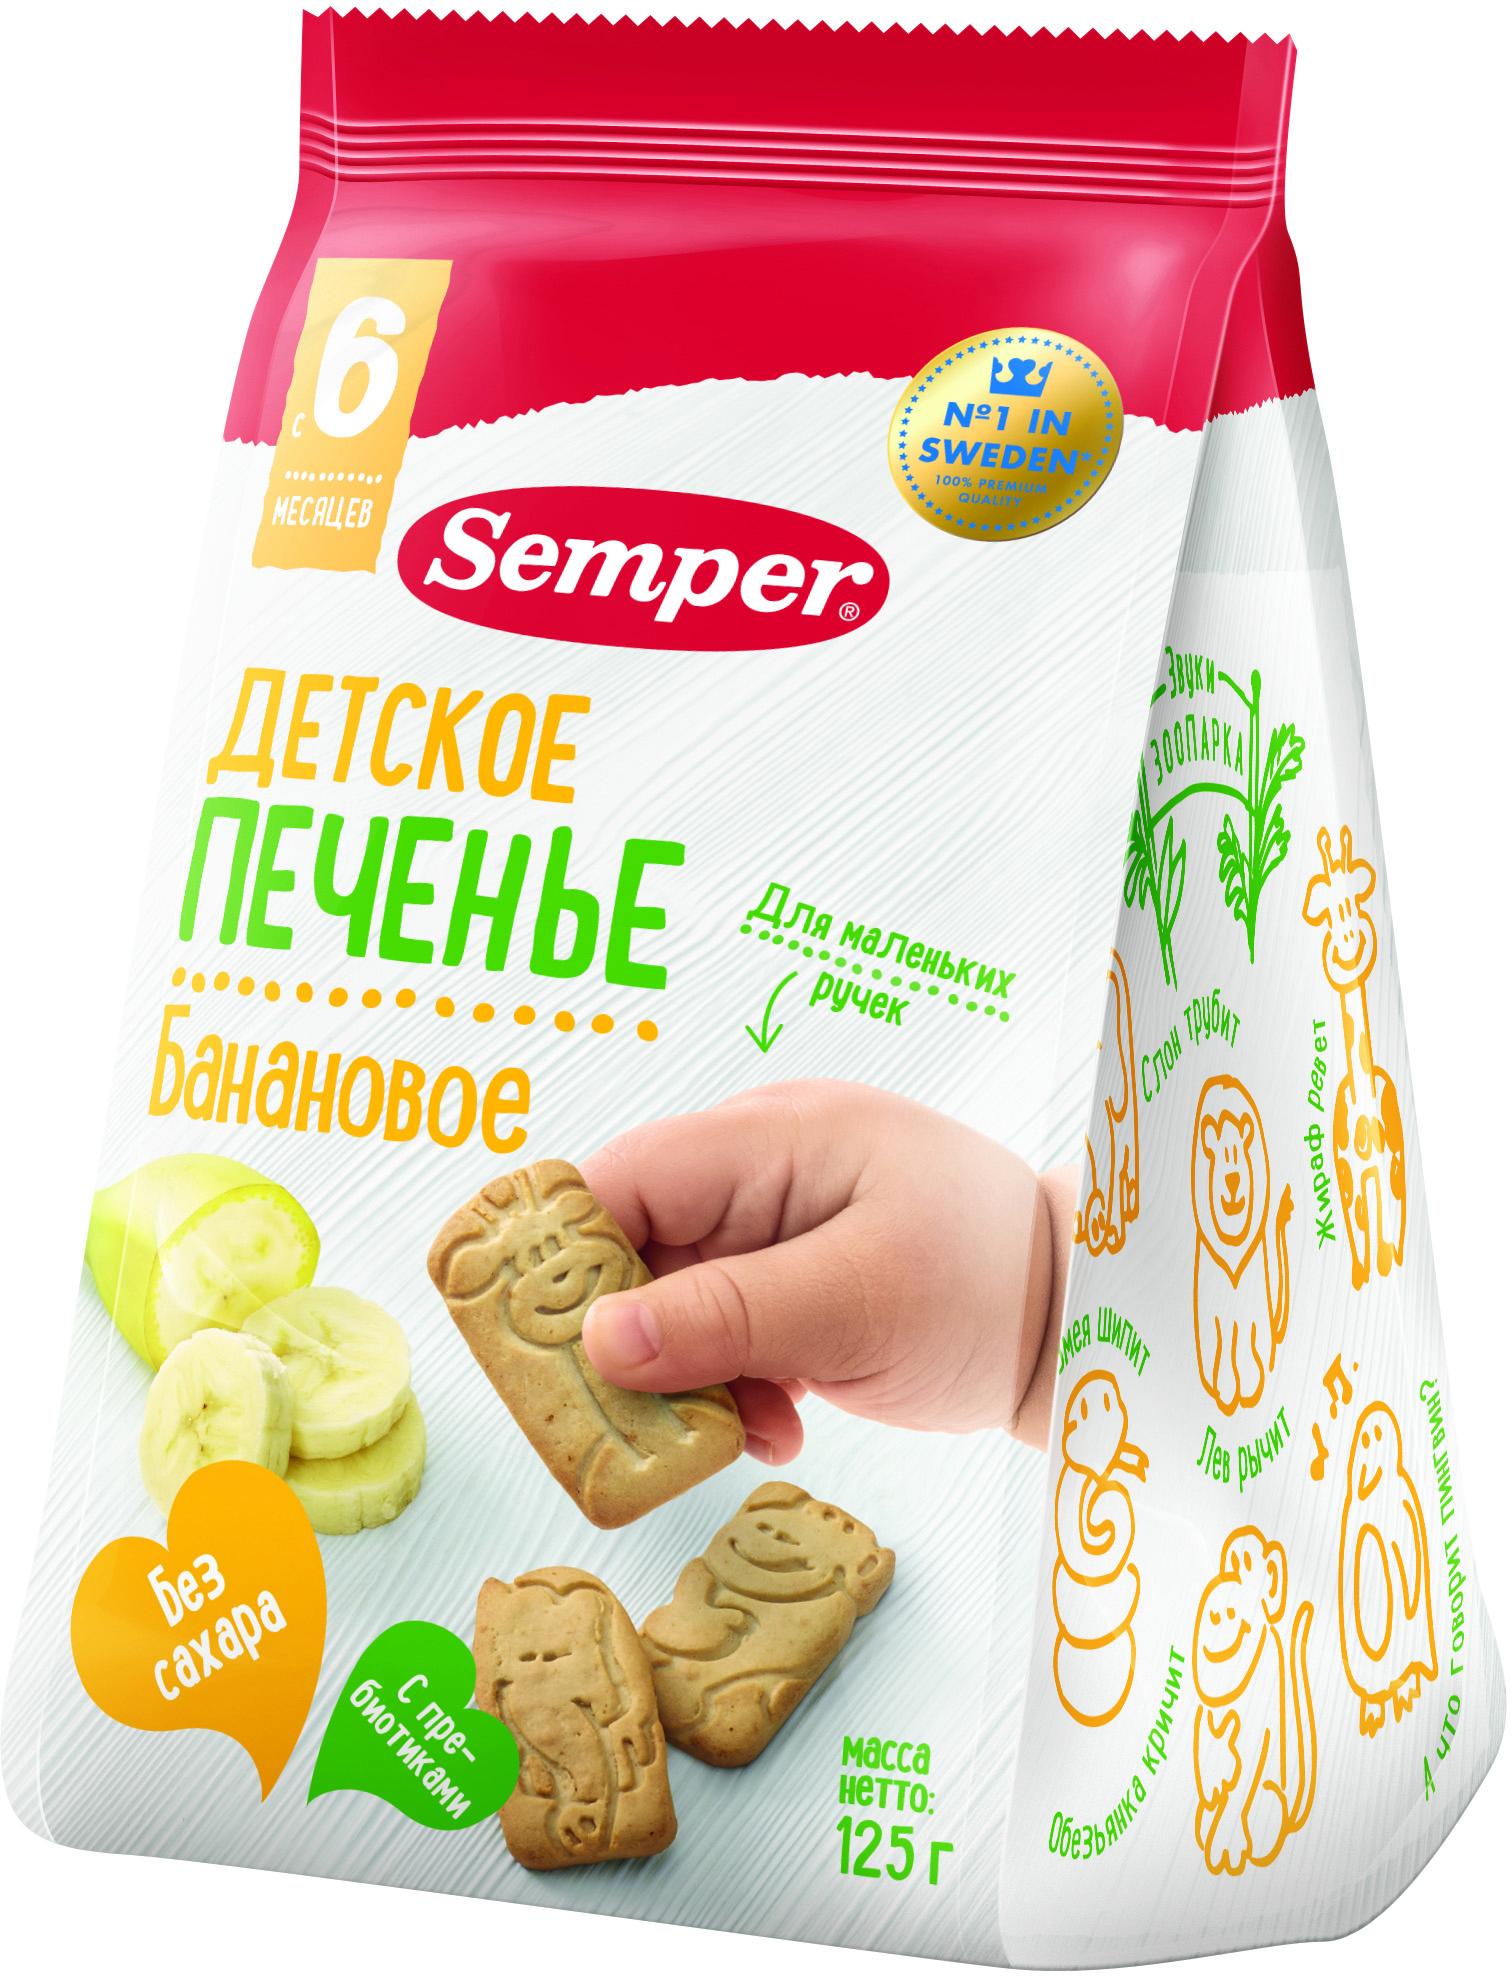 Печенье и сушки Semper Печенье детское Семпер Банановое NaturBalance, 125 г ростагроэкспорт желе ананас 125 г